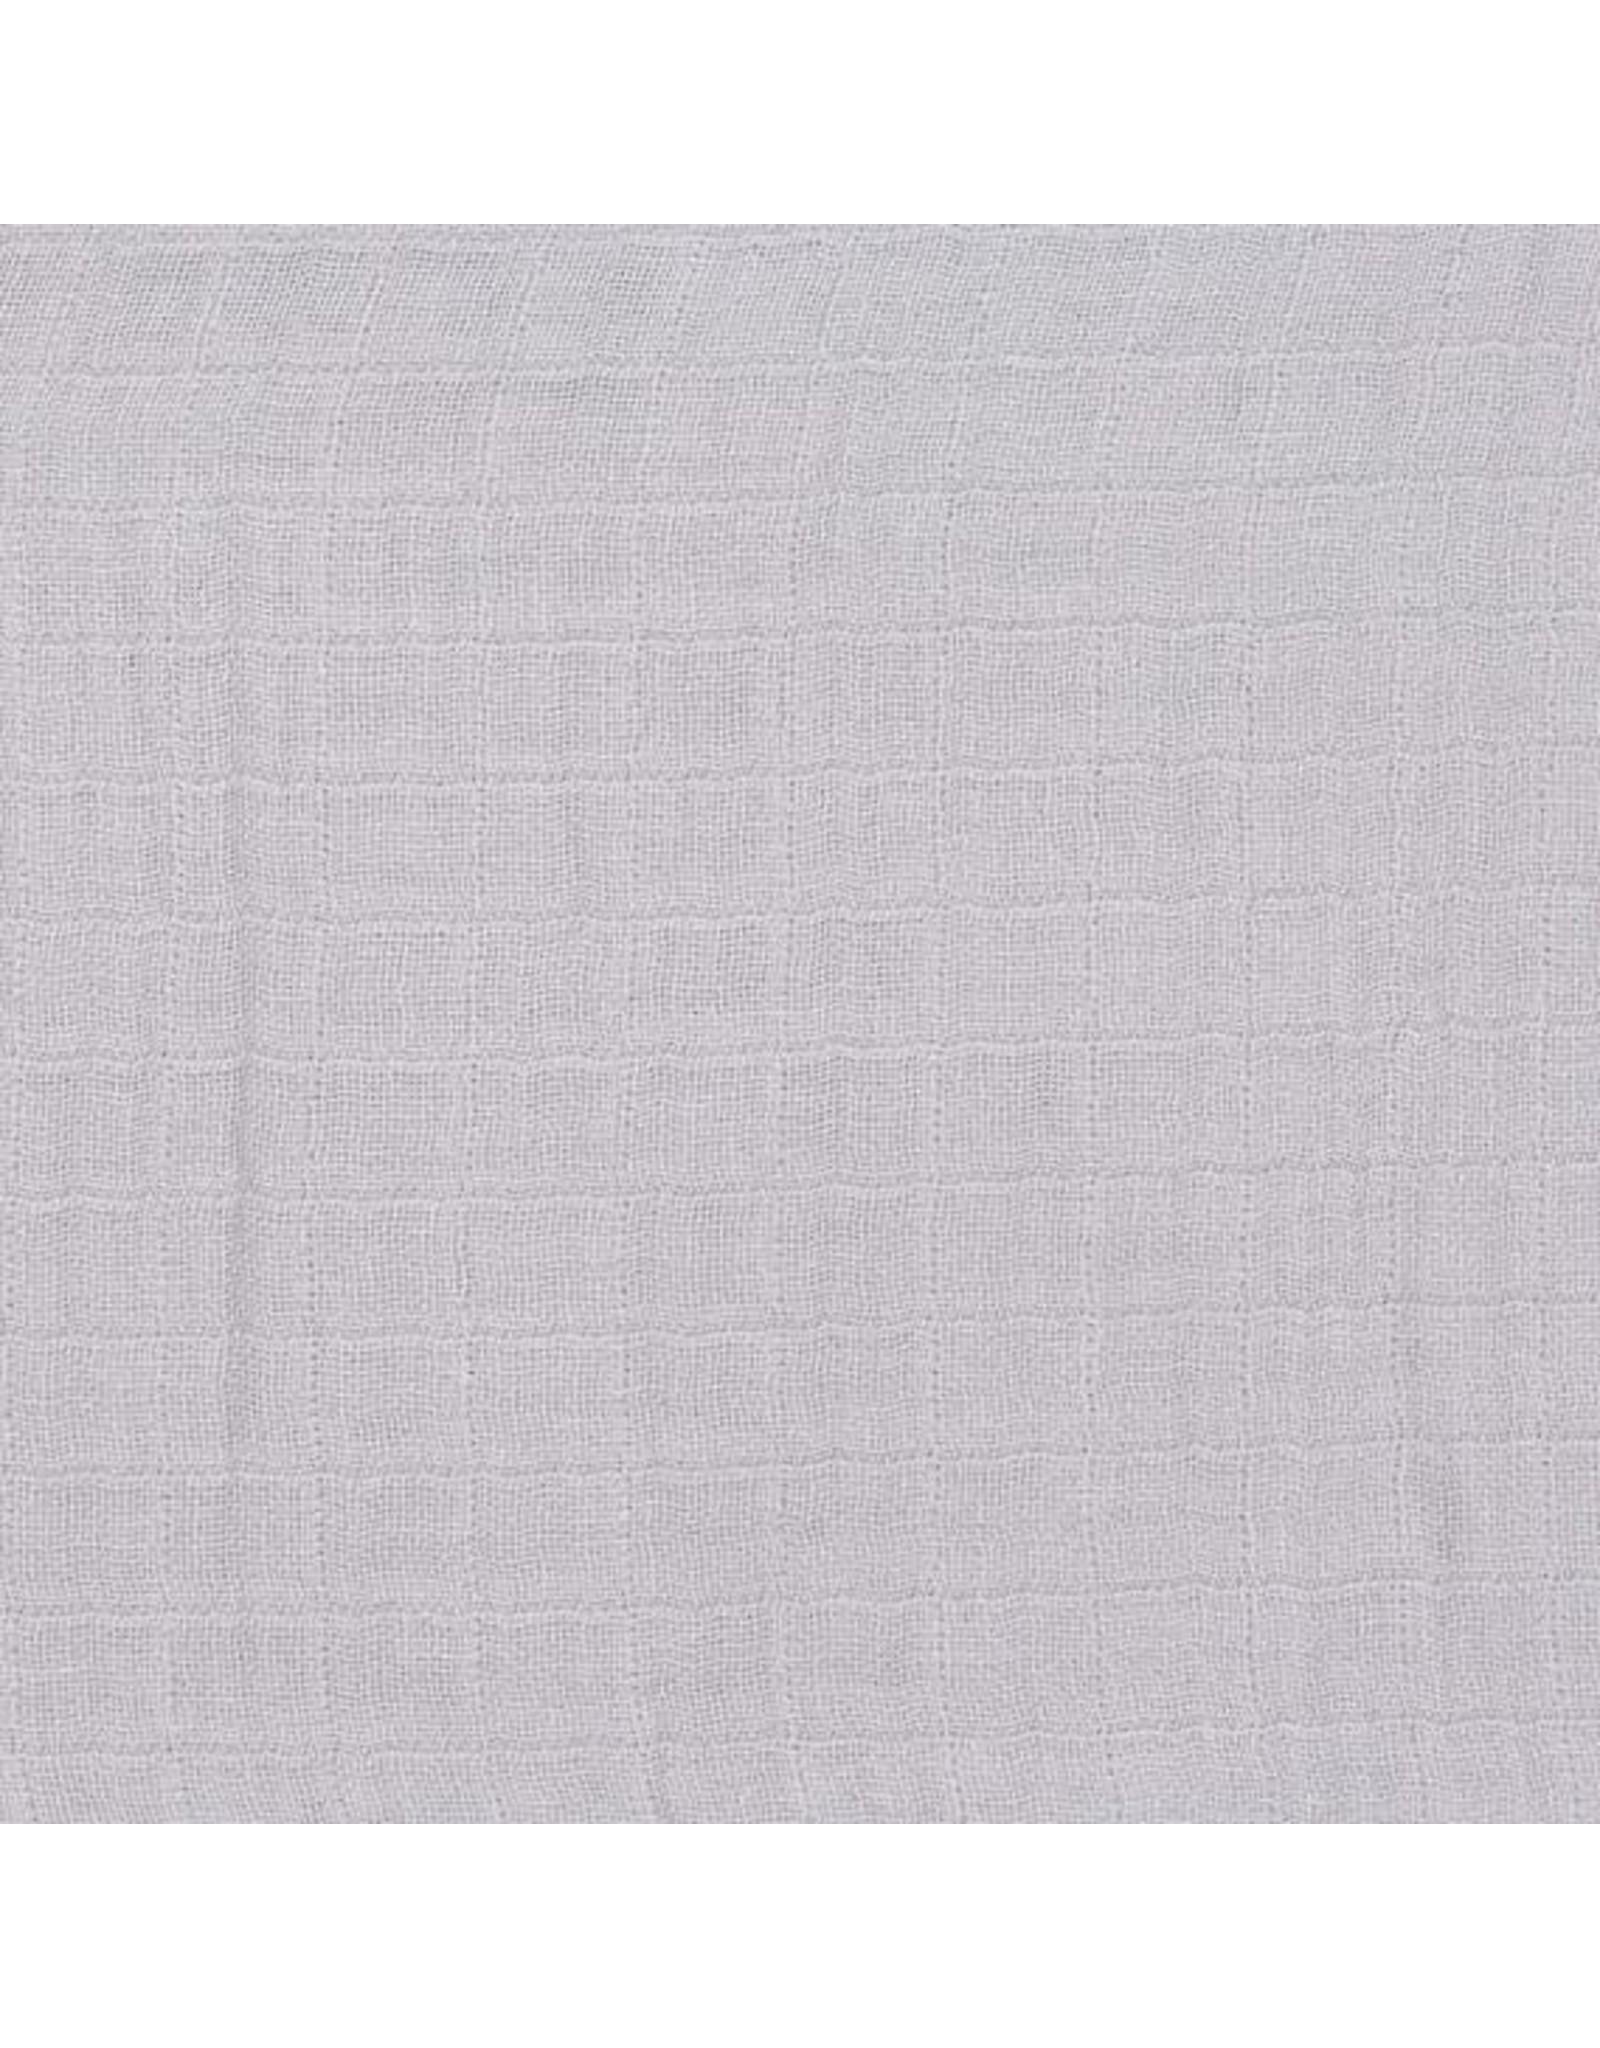 Lassig Lassig Swaddle & Burp Blanket XL Aventure 120x120